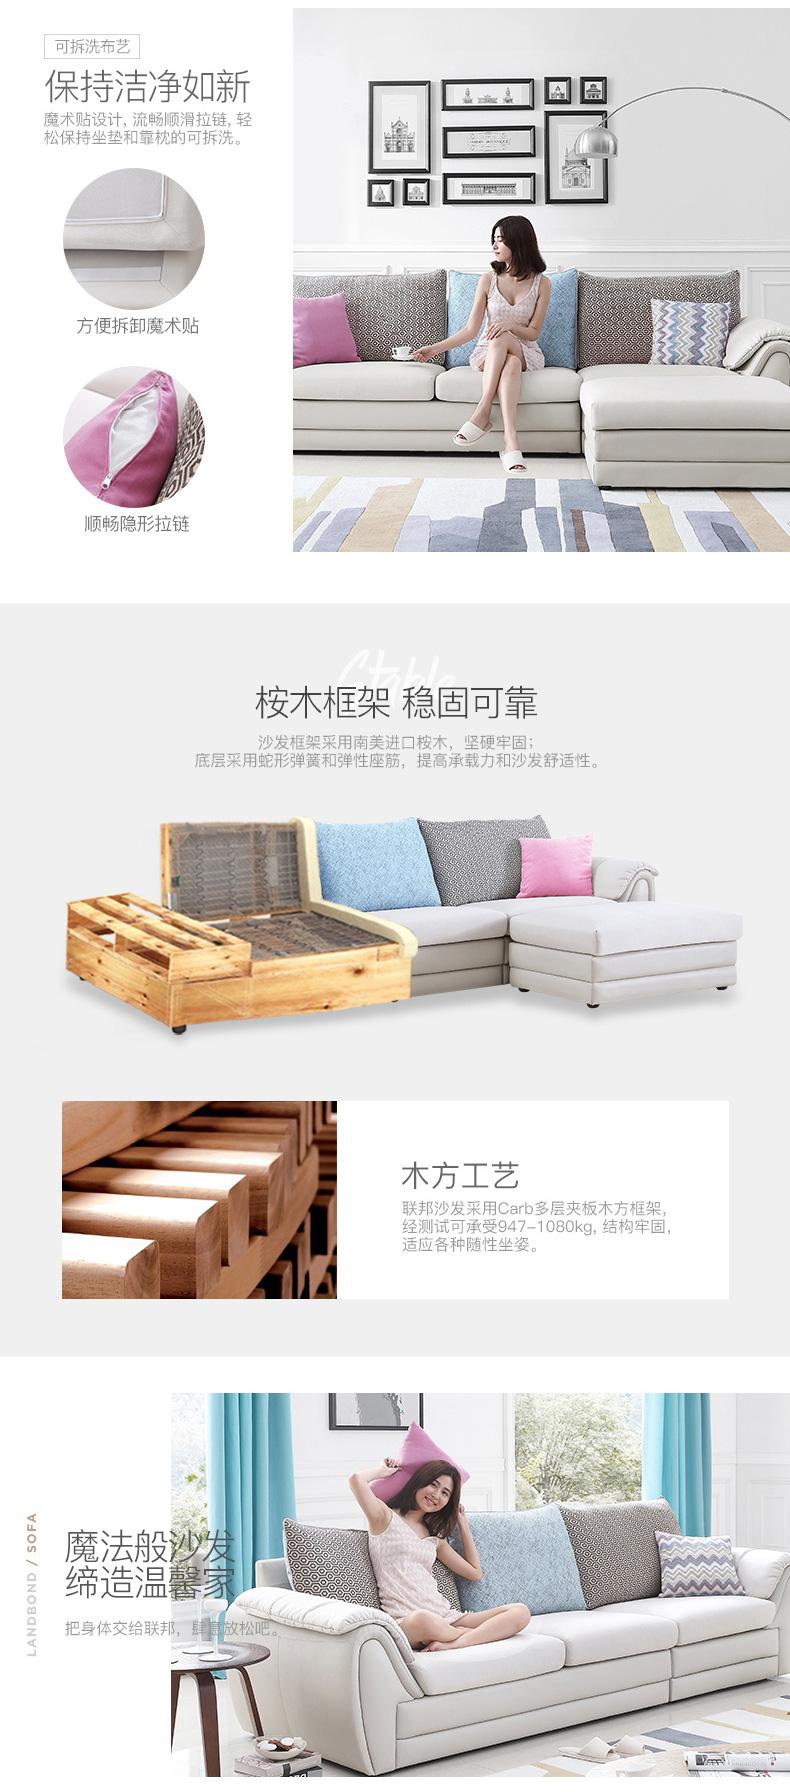 联邦家具-客厅布艺沙发茶几组合_10.jpg